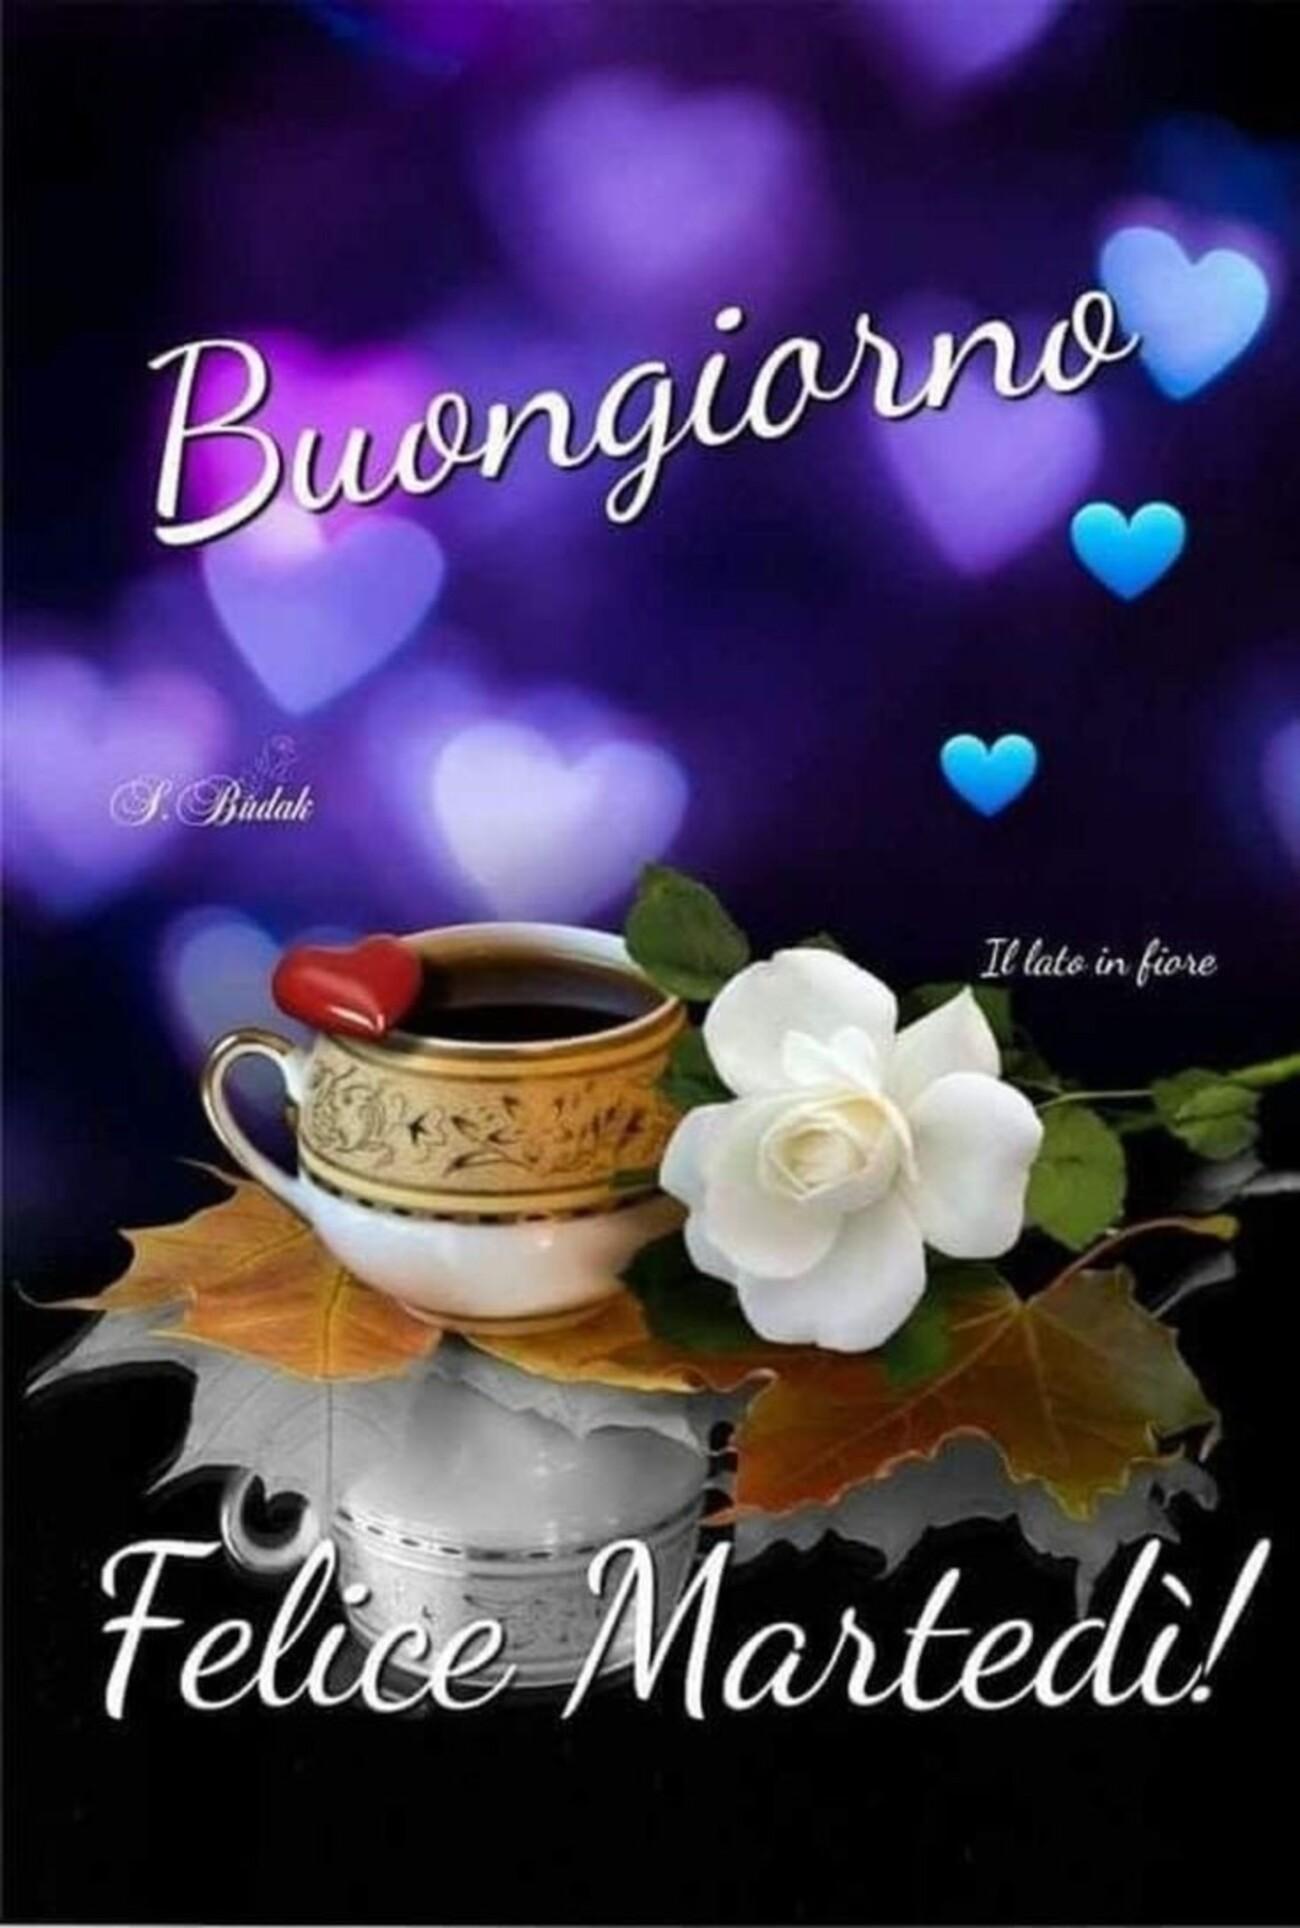 Buongiorno felice martedì